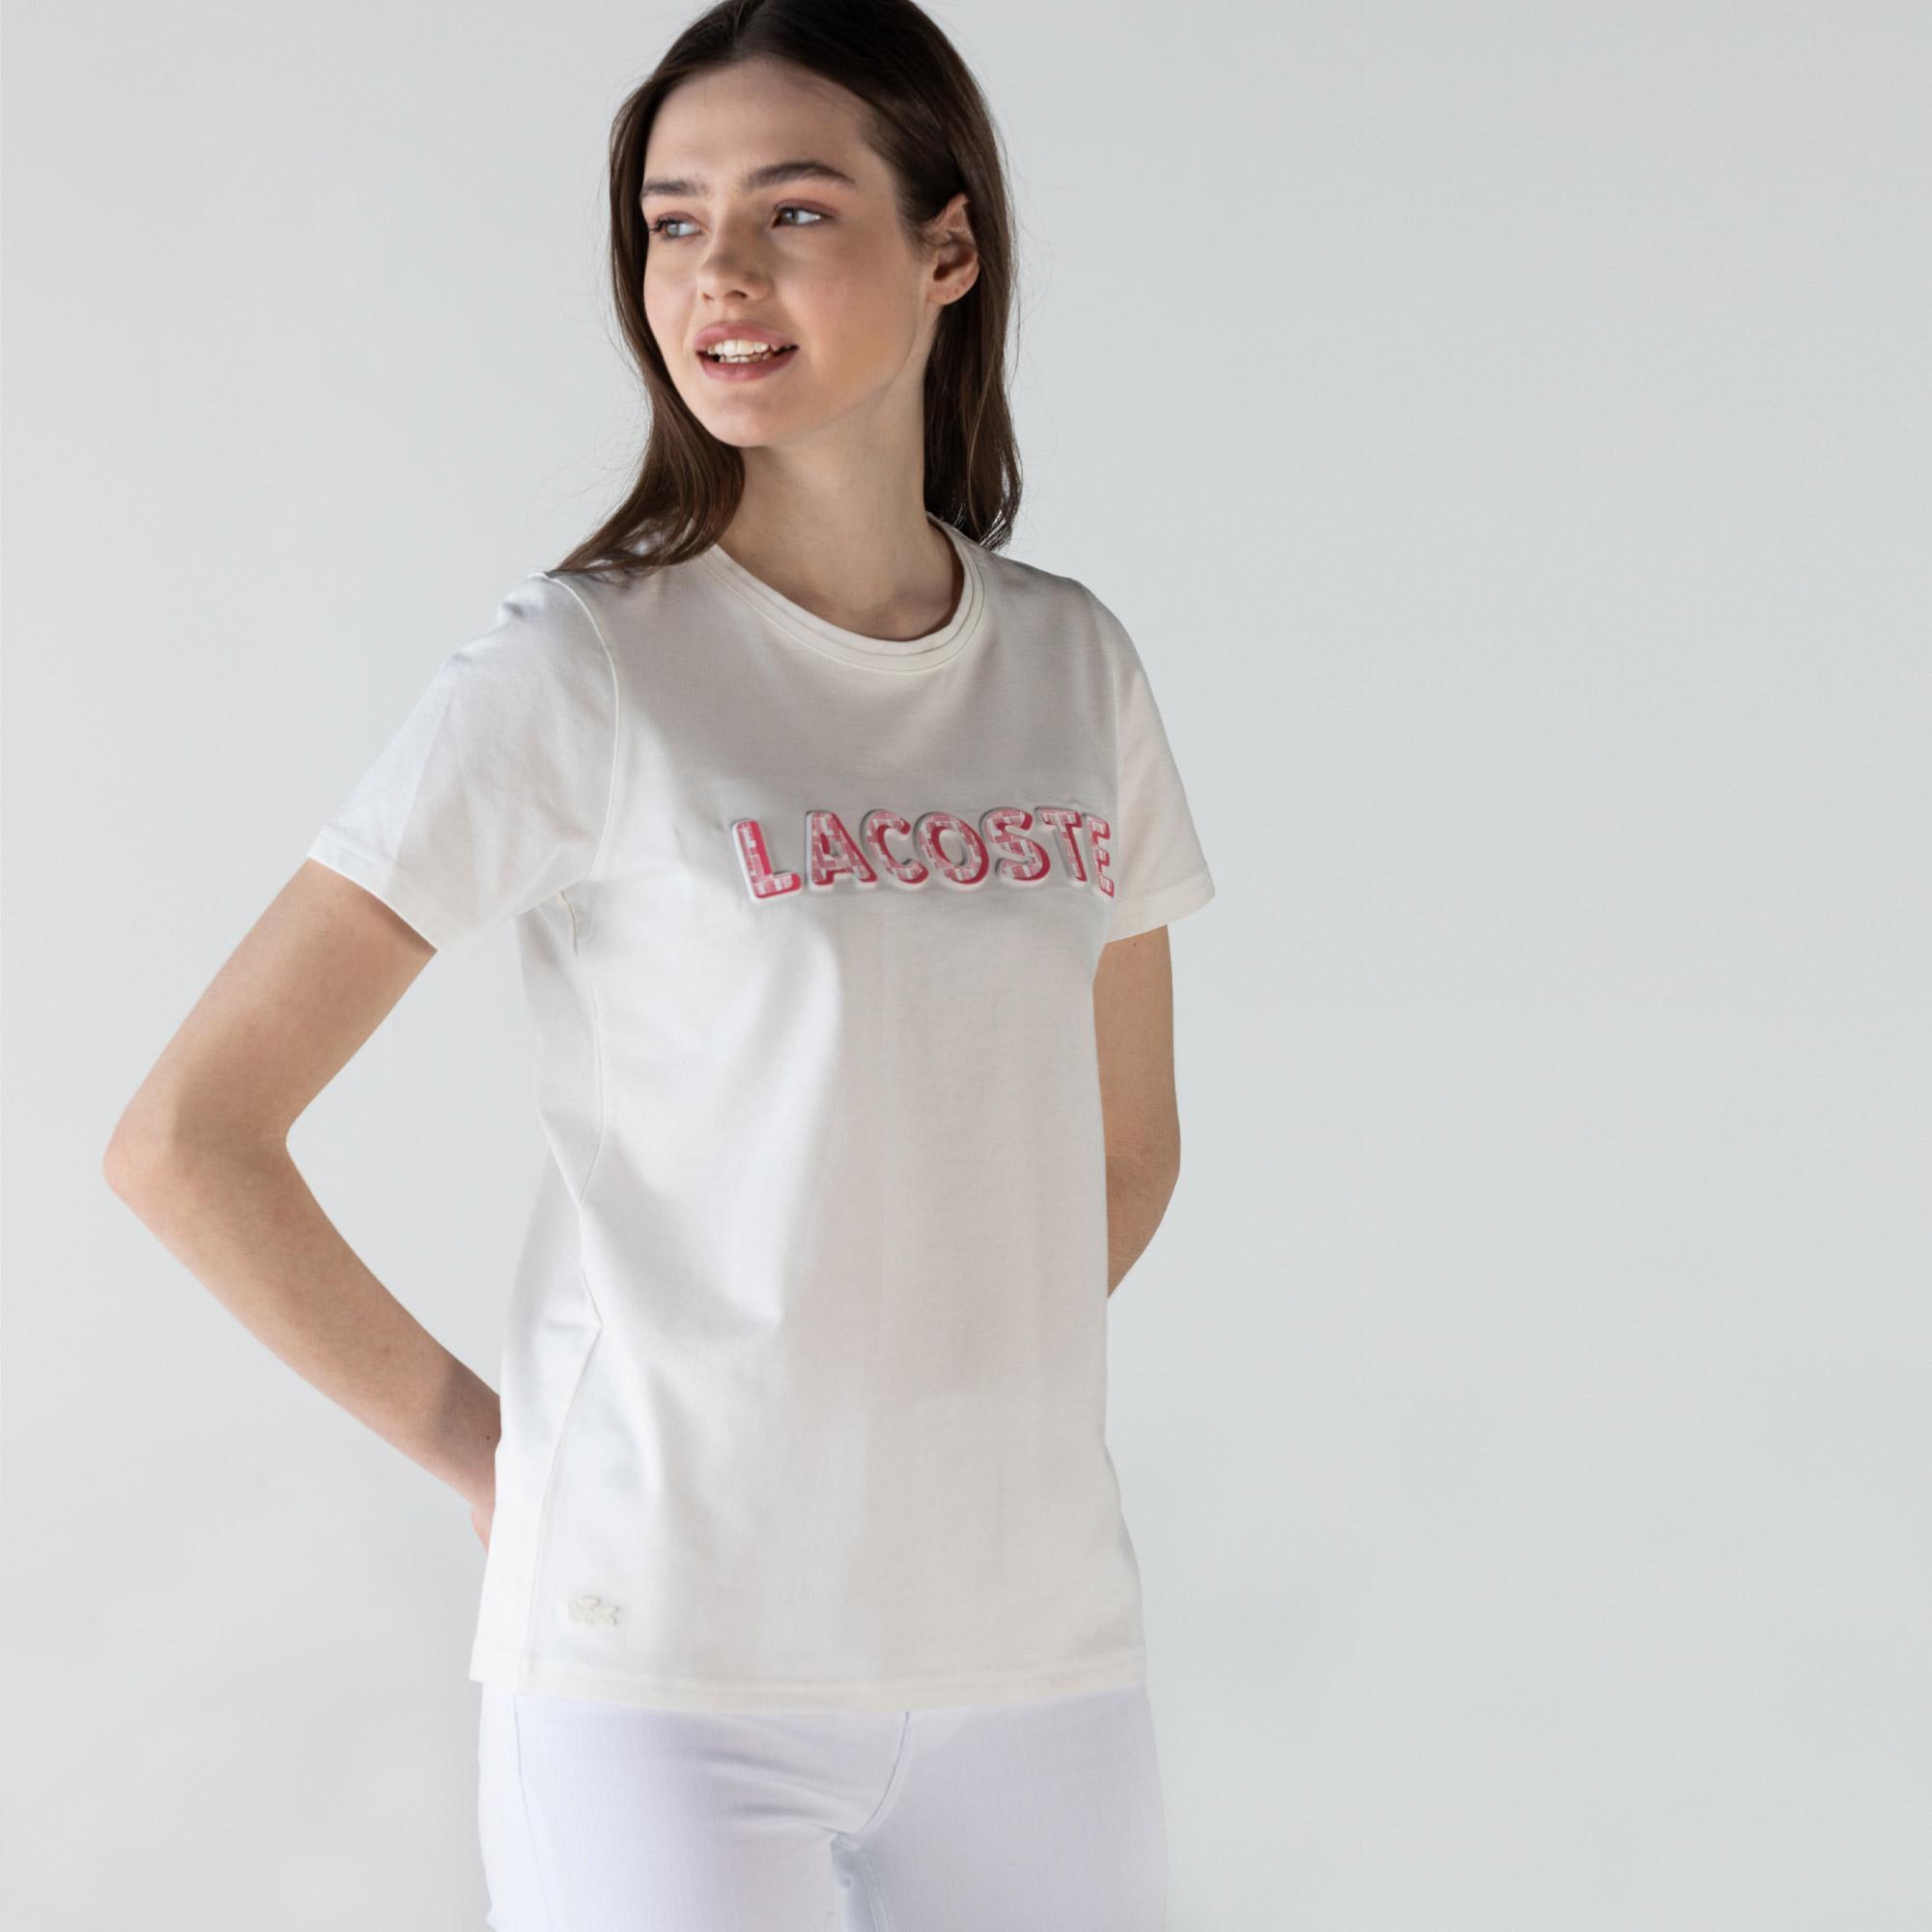 Lacoste Kadın Slim Fit Bisiklet Yaka Baskılı Beyaz T-Shirt